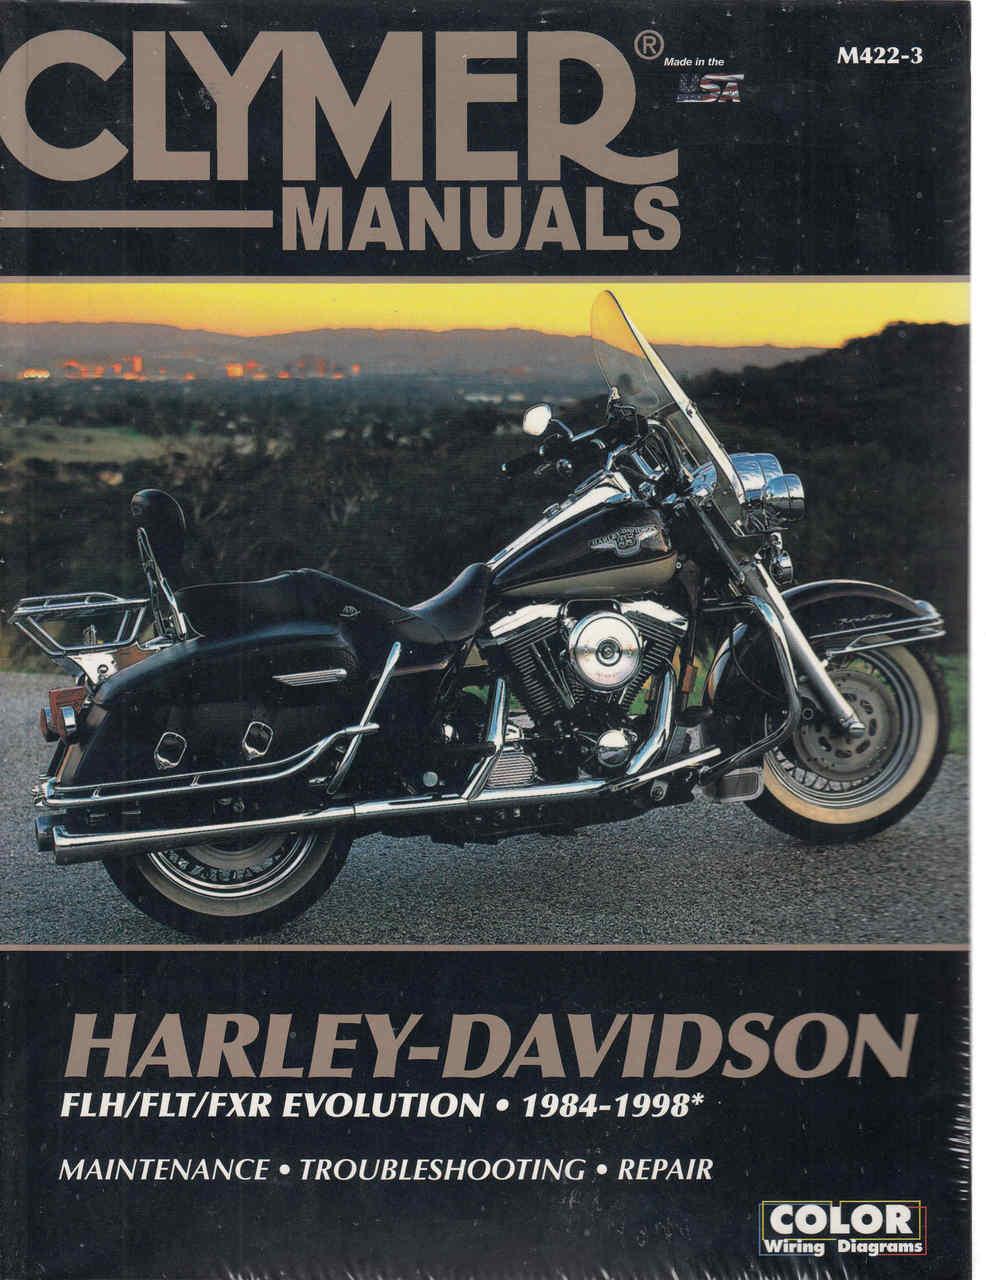 harley davidson flh flt fxr evolution 1984 1998 workshop manual 98 flstc harley davidson motorcycle diagrams [ 986 x 1280 Pixel ]